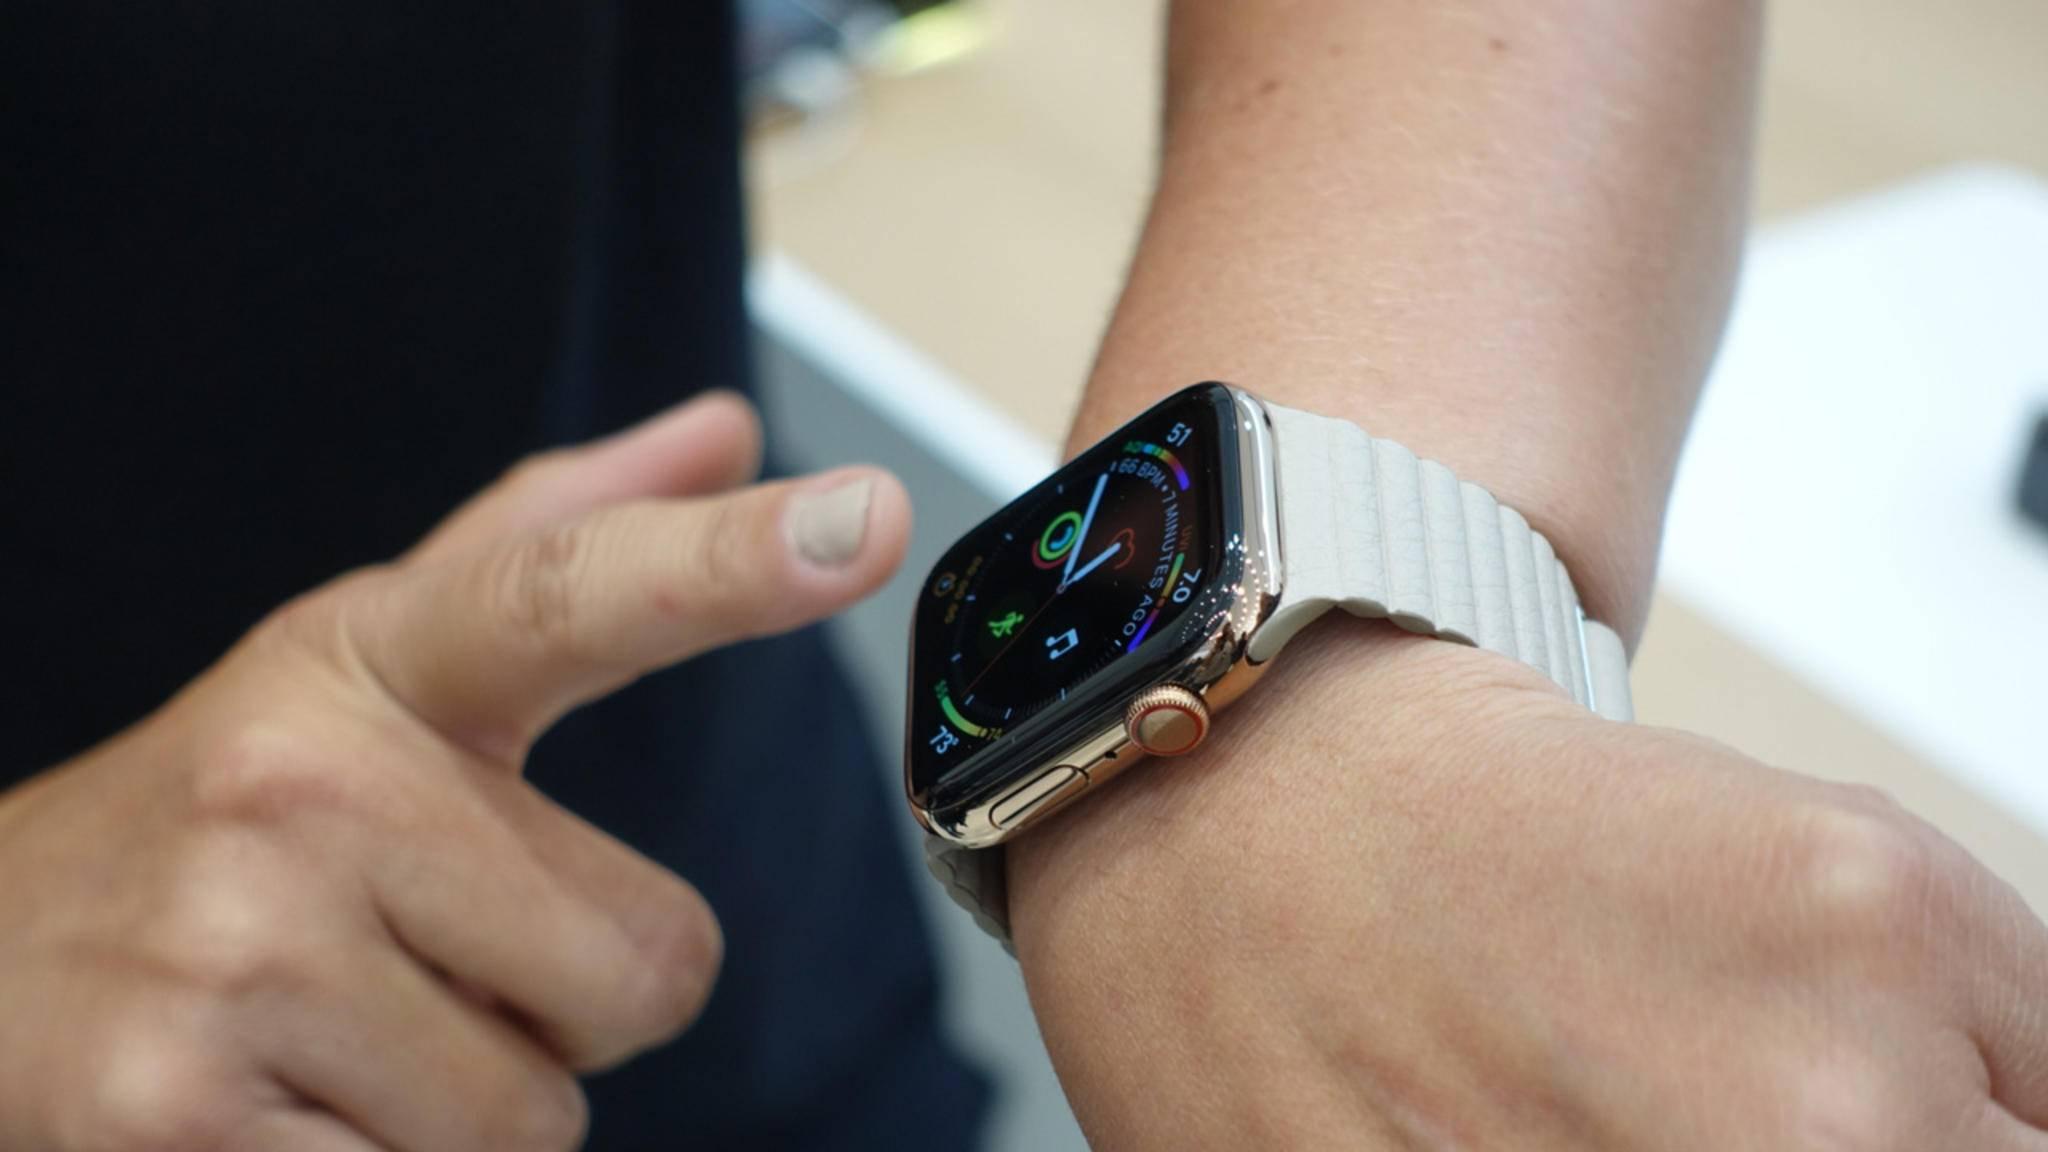 Wir erklären, wie Du Apple Watch und iPhone entkoppeln kannst.